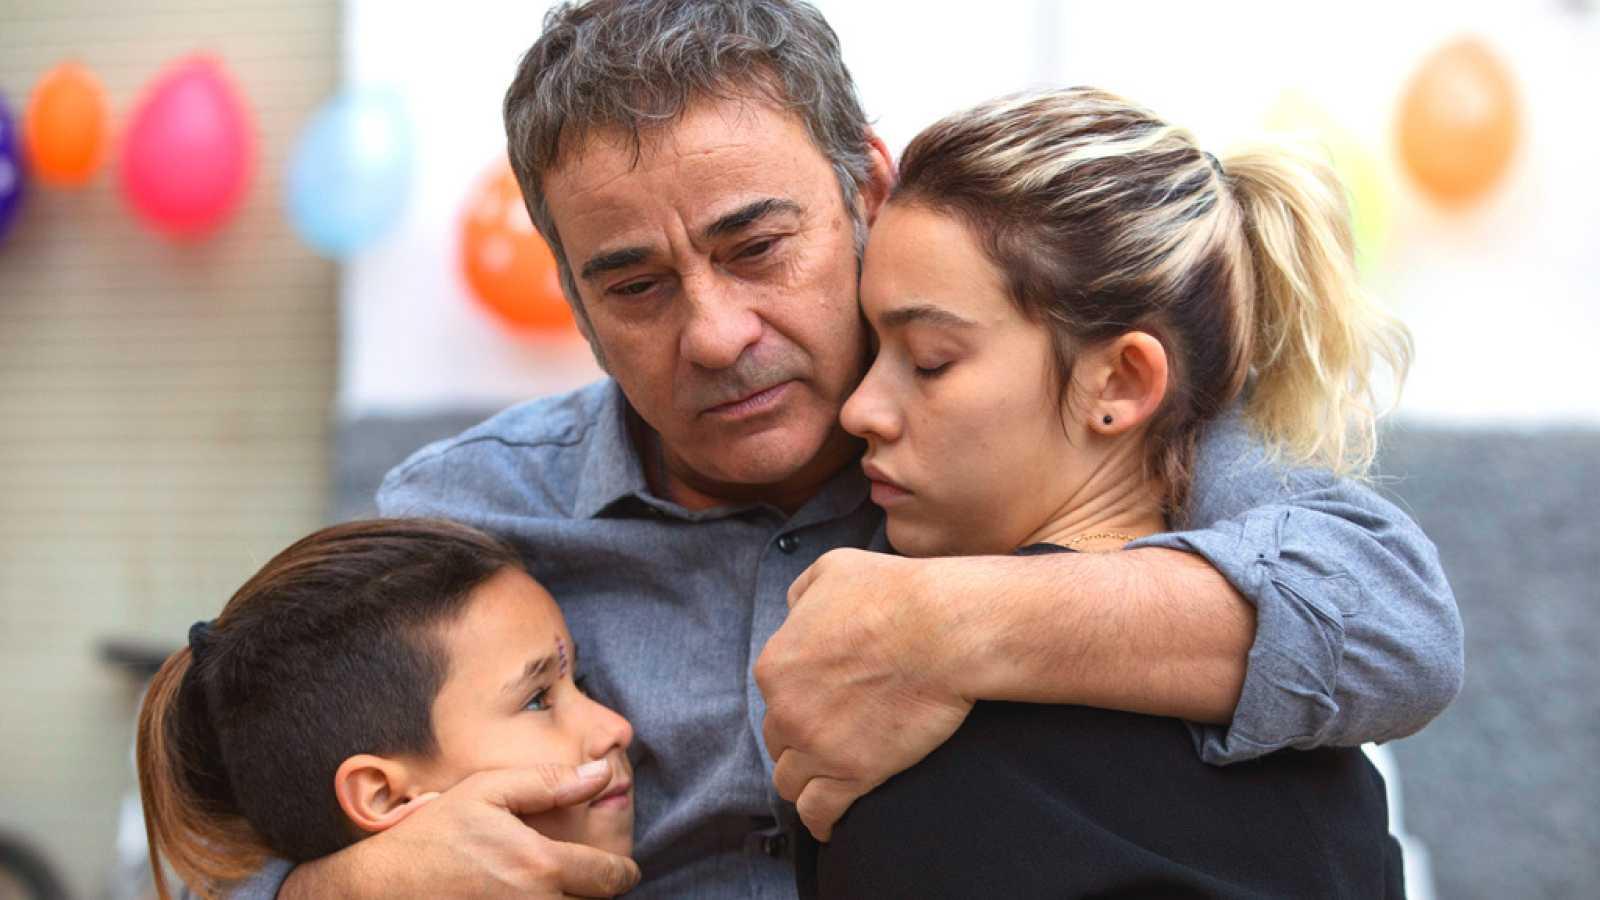 RTVE.es os ofrece el primer teaser de 'La hija de un ladrón', protagonizada por Eduard y Greta Fernández